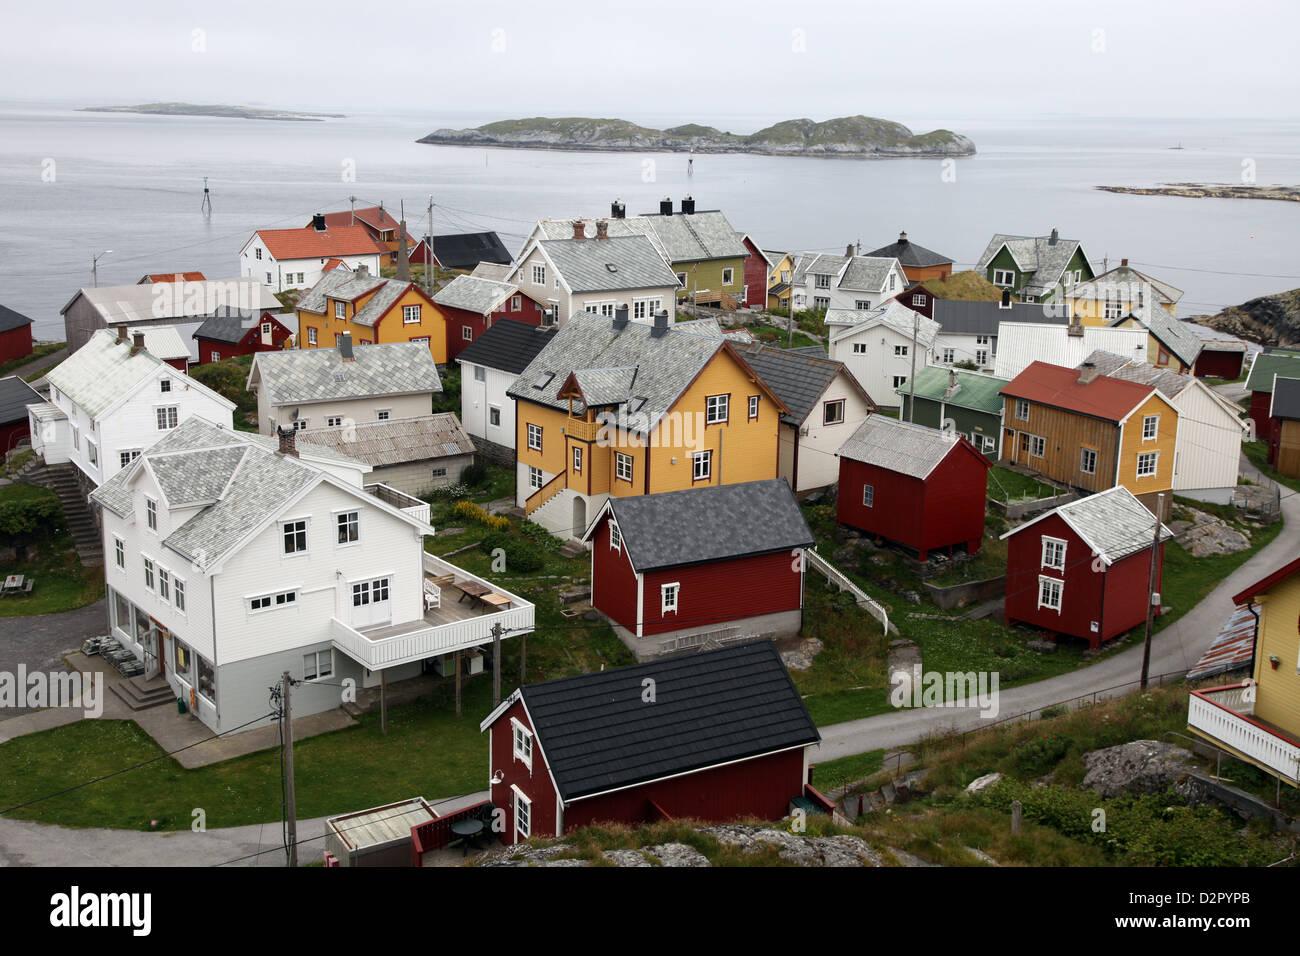 Una vez una pequeña aldea de pescadores en la isla de Ona, ahora verano cabañas, Ona, Sandoy, Noruega Imagen De Stock